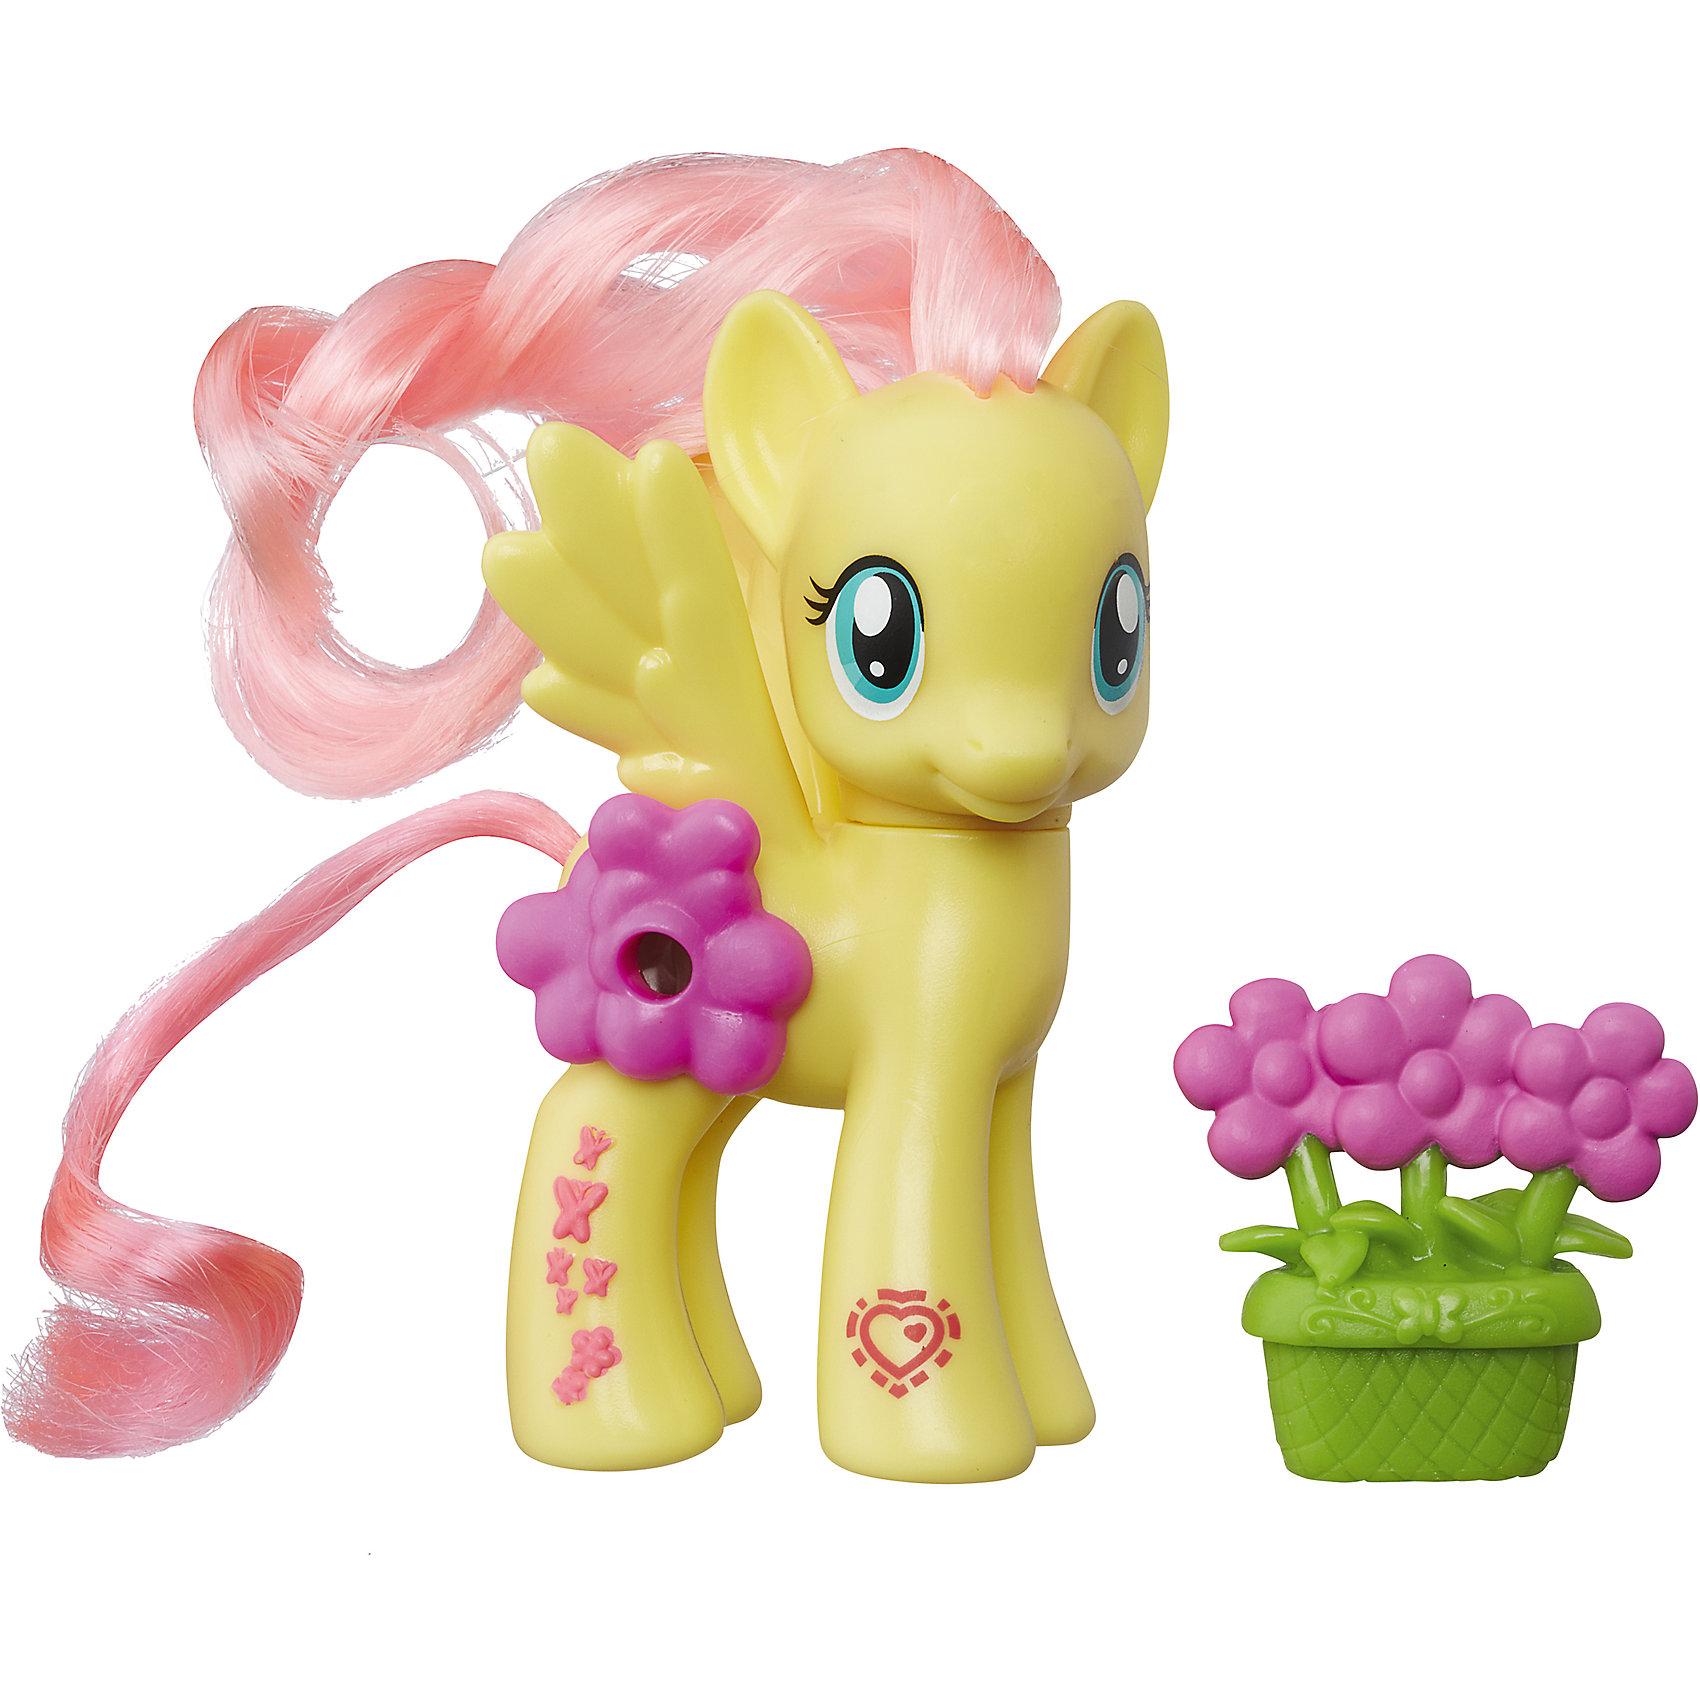 Пони Флаттершай с волшебными картинками, My little Pony, B5361/B7264Игрушки<br>Пони с волшебными картинками, My little Pony, B5361/B7264.<br><br>Характеристики:<br><br>- В наборе: пони, аксессуар<br>- Материал: игрушка изготовлена из пластика, грива и хвостик – текстильные<br>- Высота фигурки: 8 см.<br><br>Играть с милыми пони стало еще интереснее! Главная особенность пони Флаттершай – это линза, расположенная на боку пони, сквозь которую видно картинку с изображением сценки из мультфильма Дружба - это чудо. На передней ножке лошадки Вы найдете код в виде сердечка, отсканировав который при помощи мобильного устройства, Вы получите дополнительные игровые возможности в бесплатном приложении My Little Pony Friendship Celebration. Голова фигурки поворачивается. Гриву и хвост пони малышка сможет расчесывать и создавать различные прически. В комплекте с фигуркой также идет горшочек с цветами. Игры с такой игрушкой способствуют развитию у ребенка фантазии и любознательности, помогут овладеть навыками общения, воспитают чувство ответственности и заботы. Благодаря маленькому размеру фигурки малышка сможет взять ее с собой на прогулку или в гости.<br><br>Игровой набор Пони с волшебными картинками, My little Pony, B5361/B7264 можно купить в нашем интернет-магазине.<br><br>Ширина мм: 87<br>Глубина мм: 178<br>Высота мм: 550<br>Вес г: 160<br>Возраст от месяцев: 36<br>Возраст до месяцев: 72<br>Пол: Женский<br>Возраст: Детский<br>SKU: 5064710